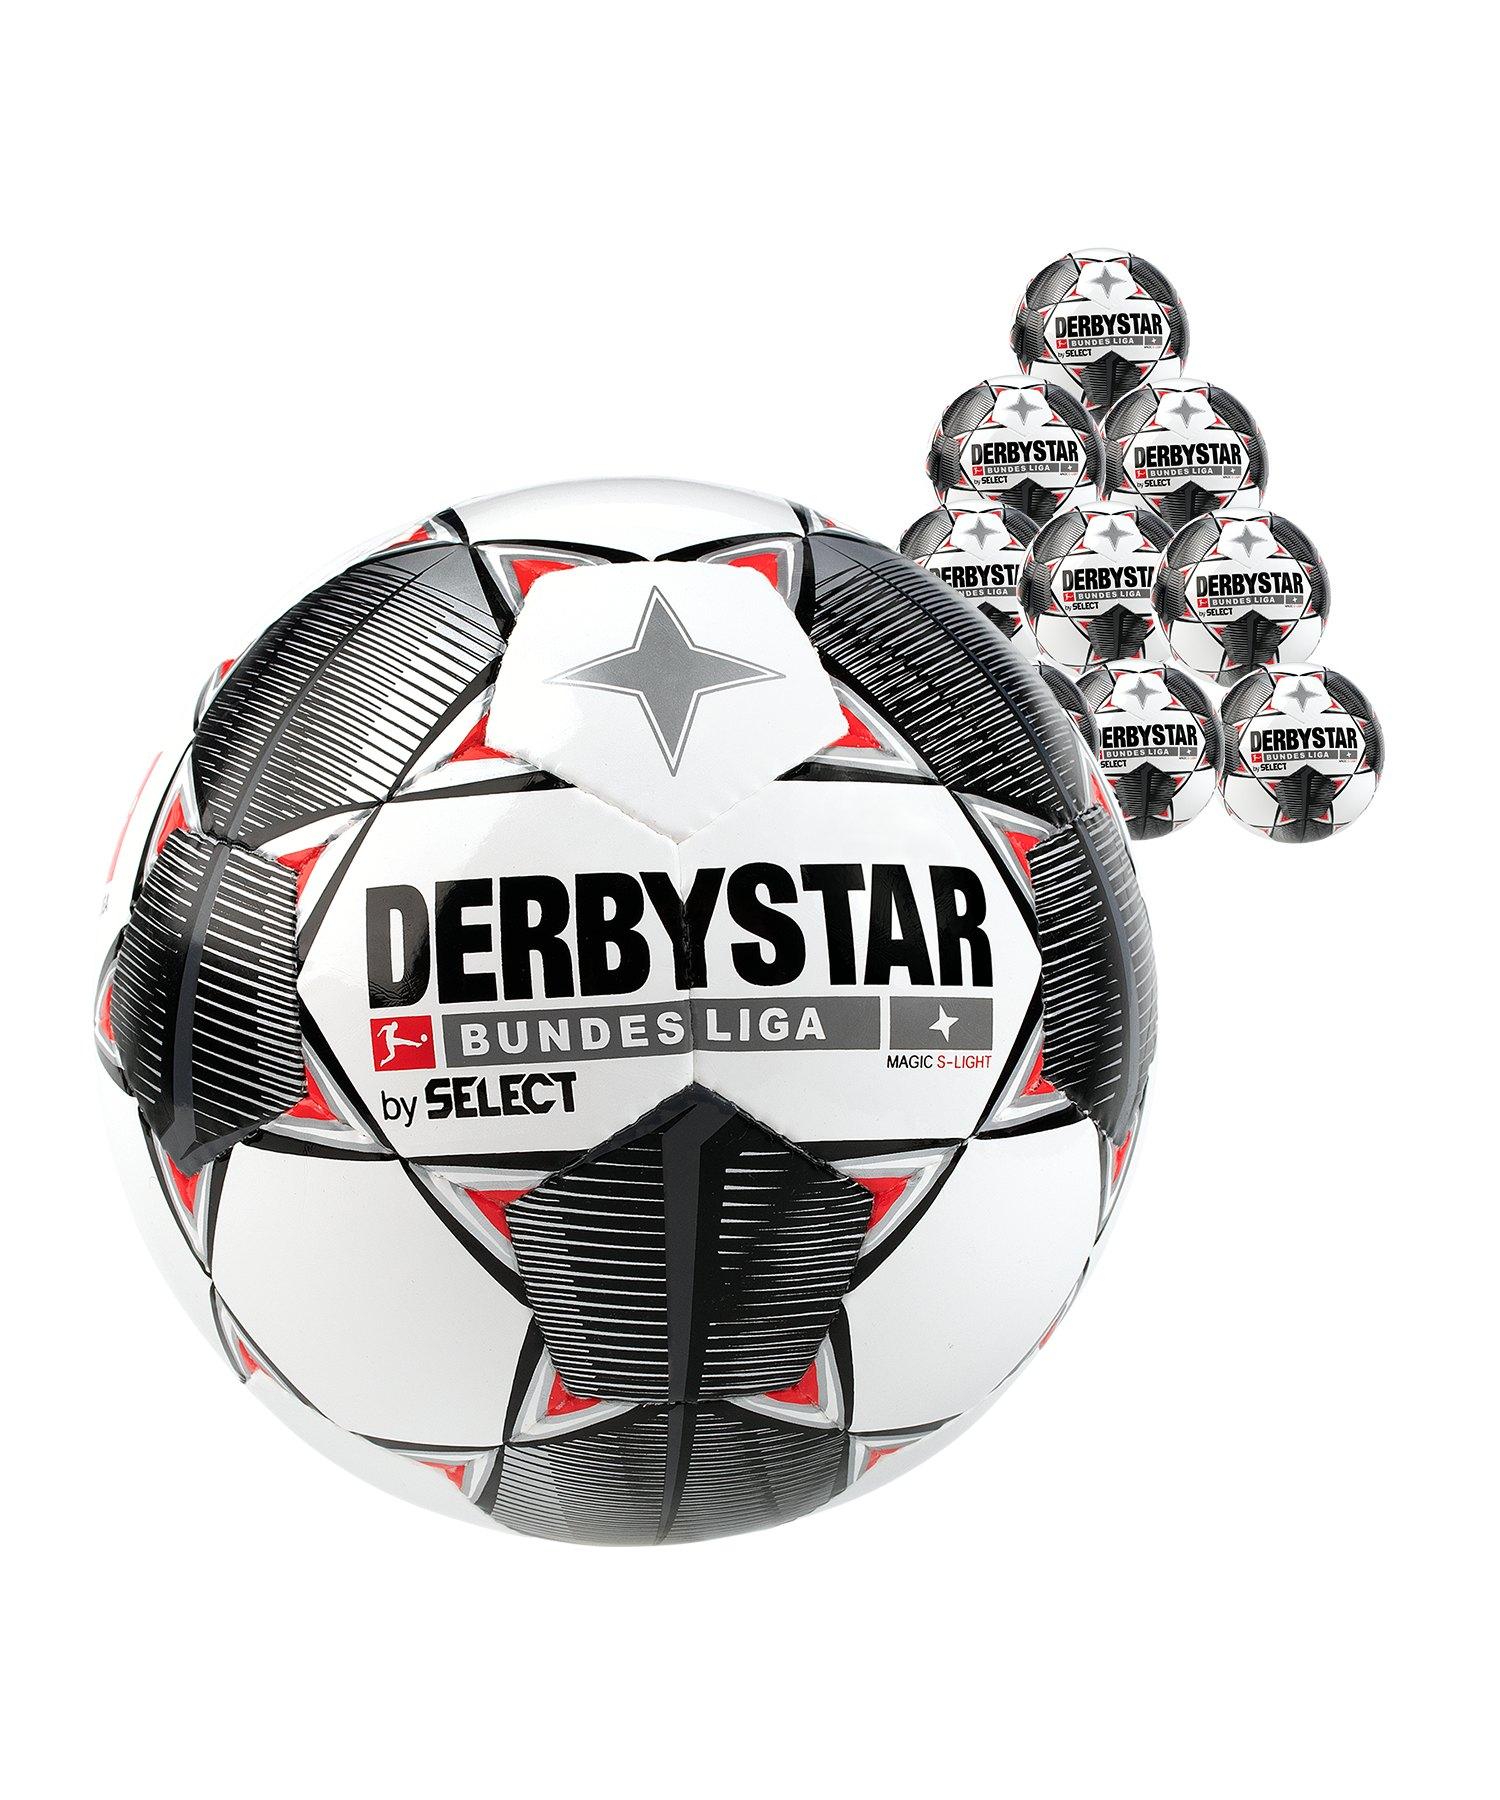 Derbystar Buli Magic S-Light 290g 50x Gr.4 Weiss F019 - weiss